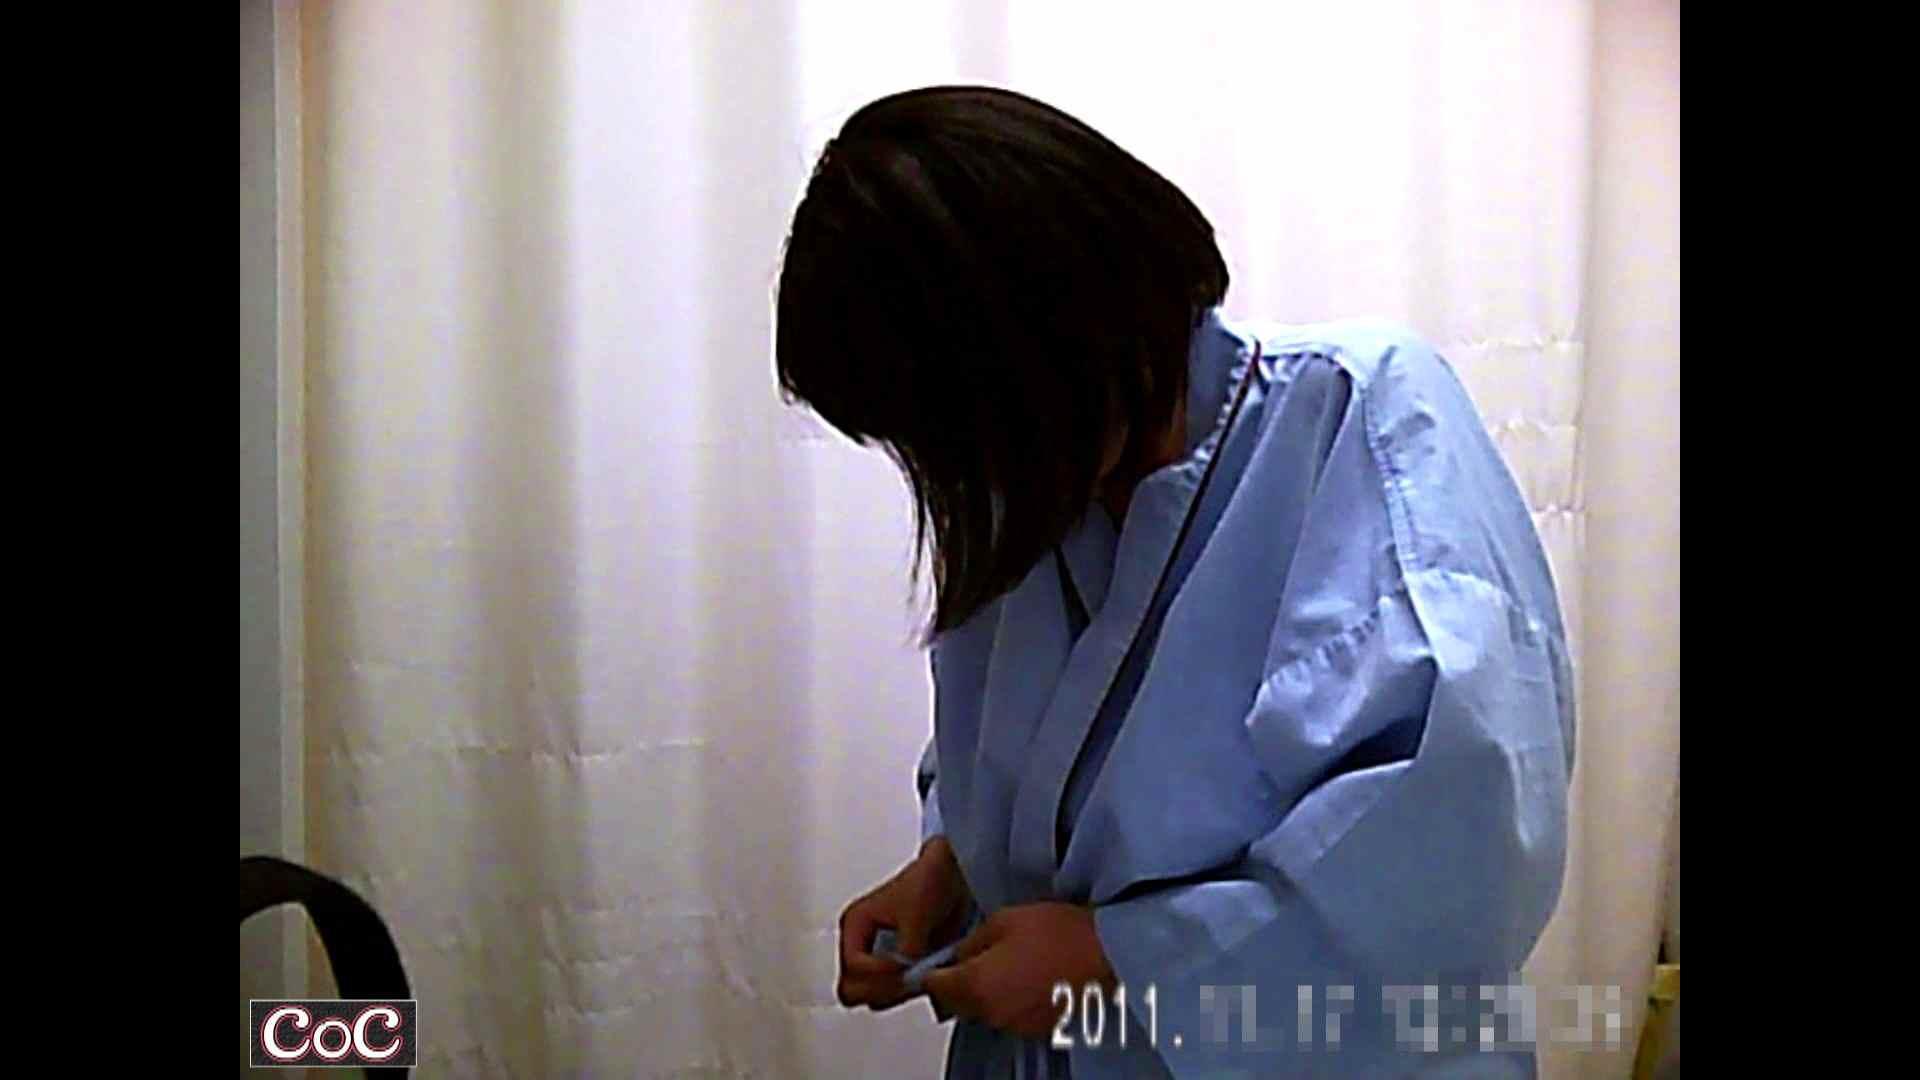 元医者による反抗 更衣室地獄絵巻 vol.200 OL  91pic 16